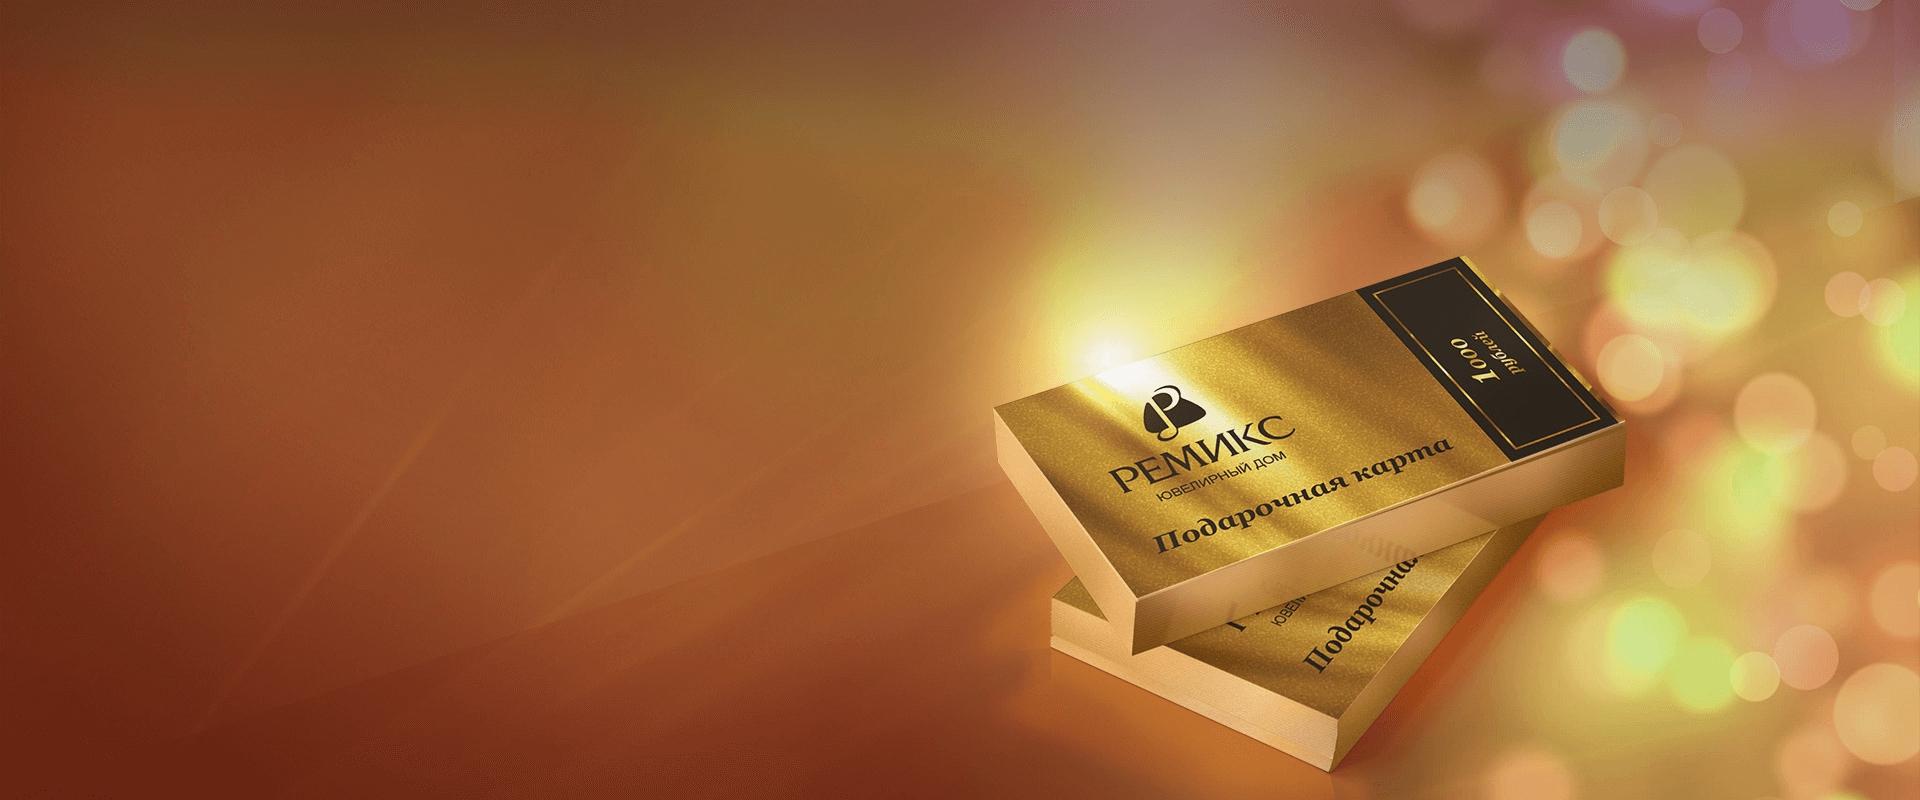 Ювелирные украшения, обручальные кольца, Красноярск - Ремикс  фото ... 02cdc05cd41